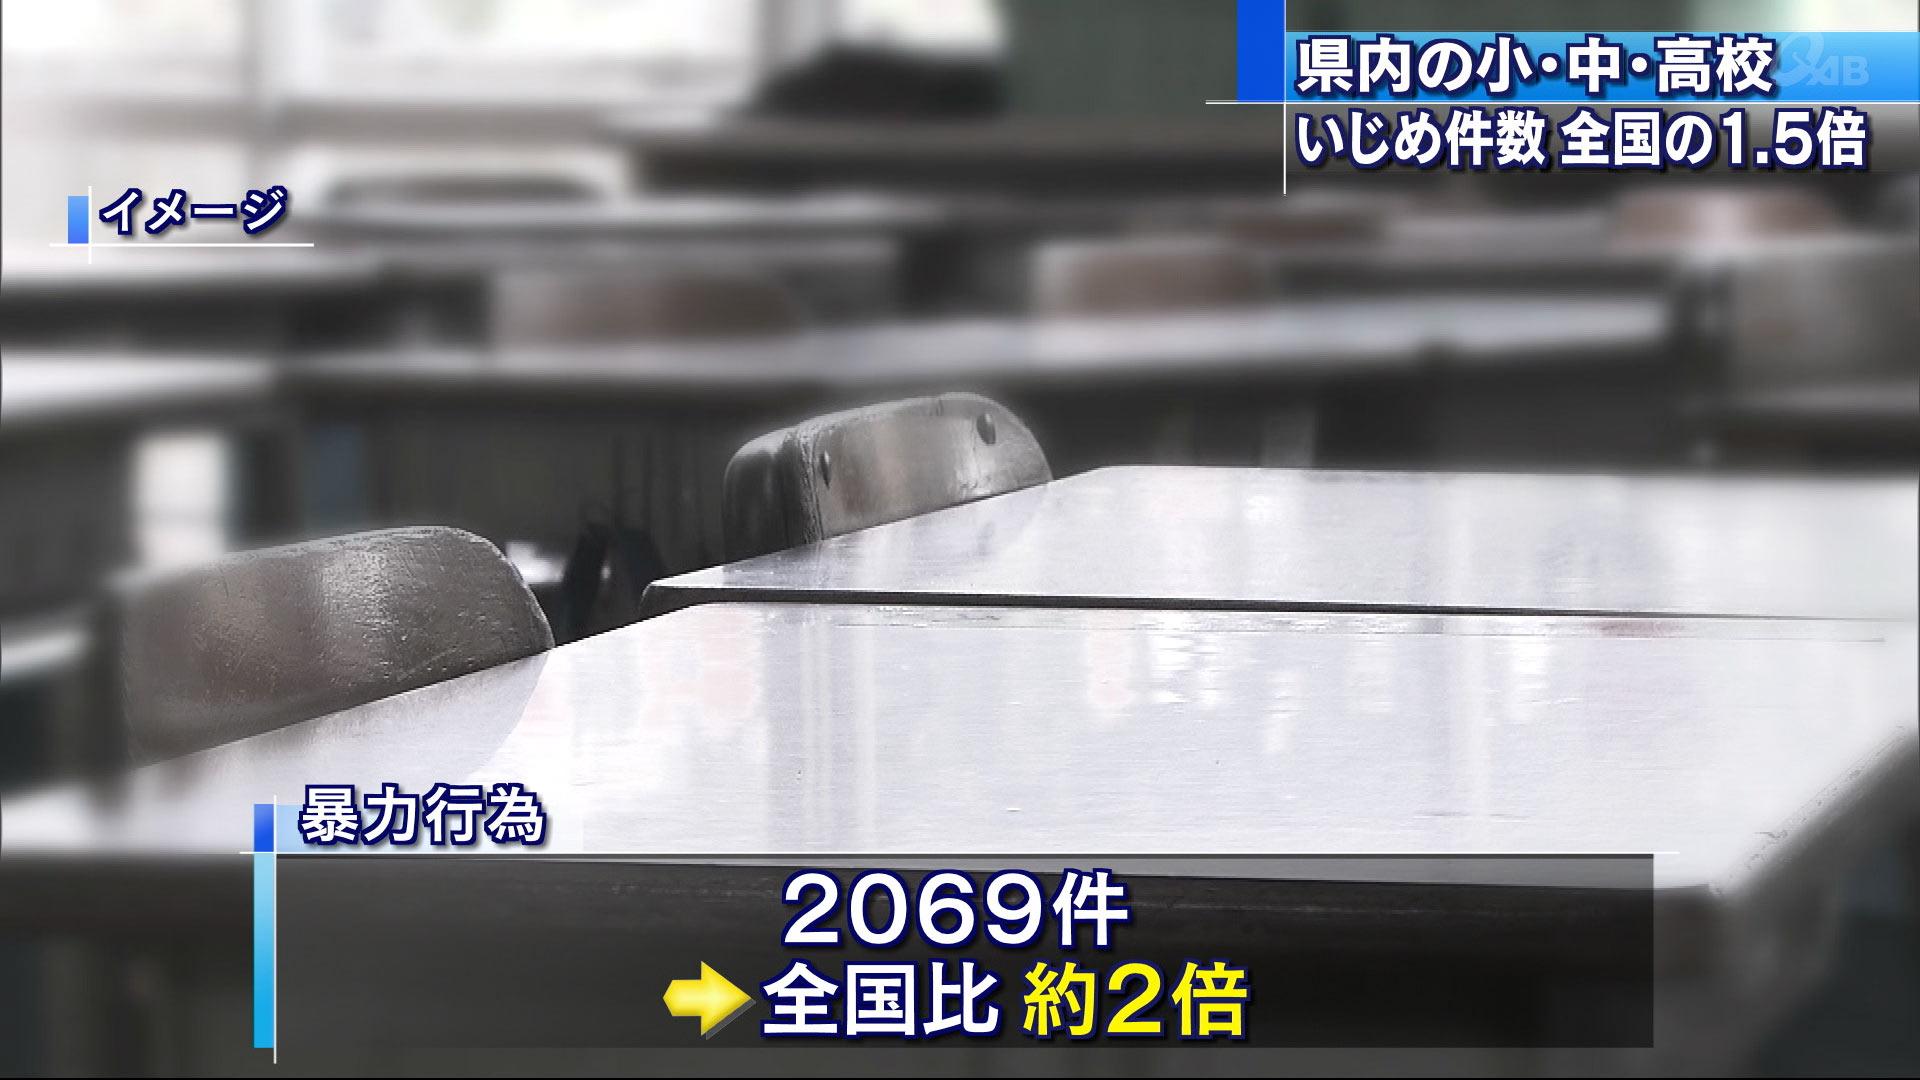 児童生徒のいじめ 全国の1.5倍